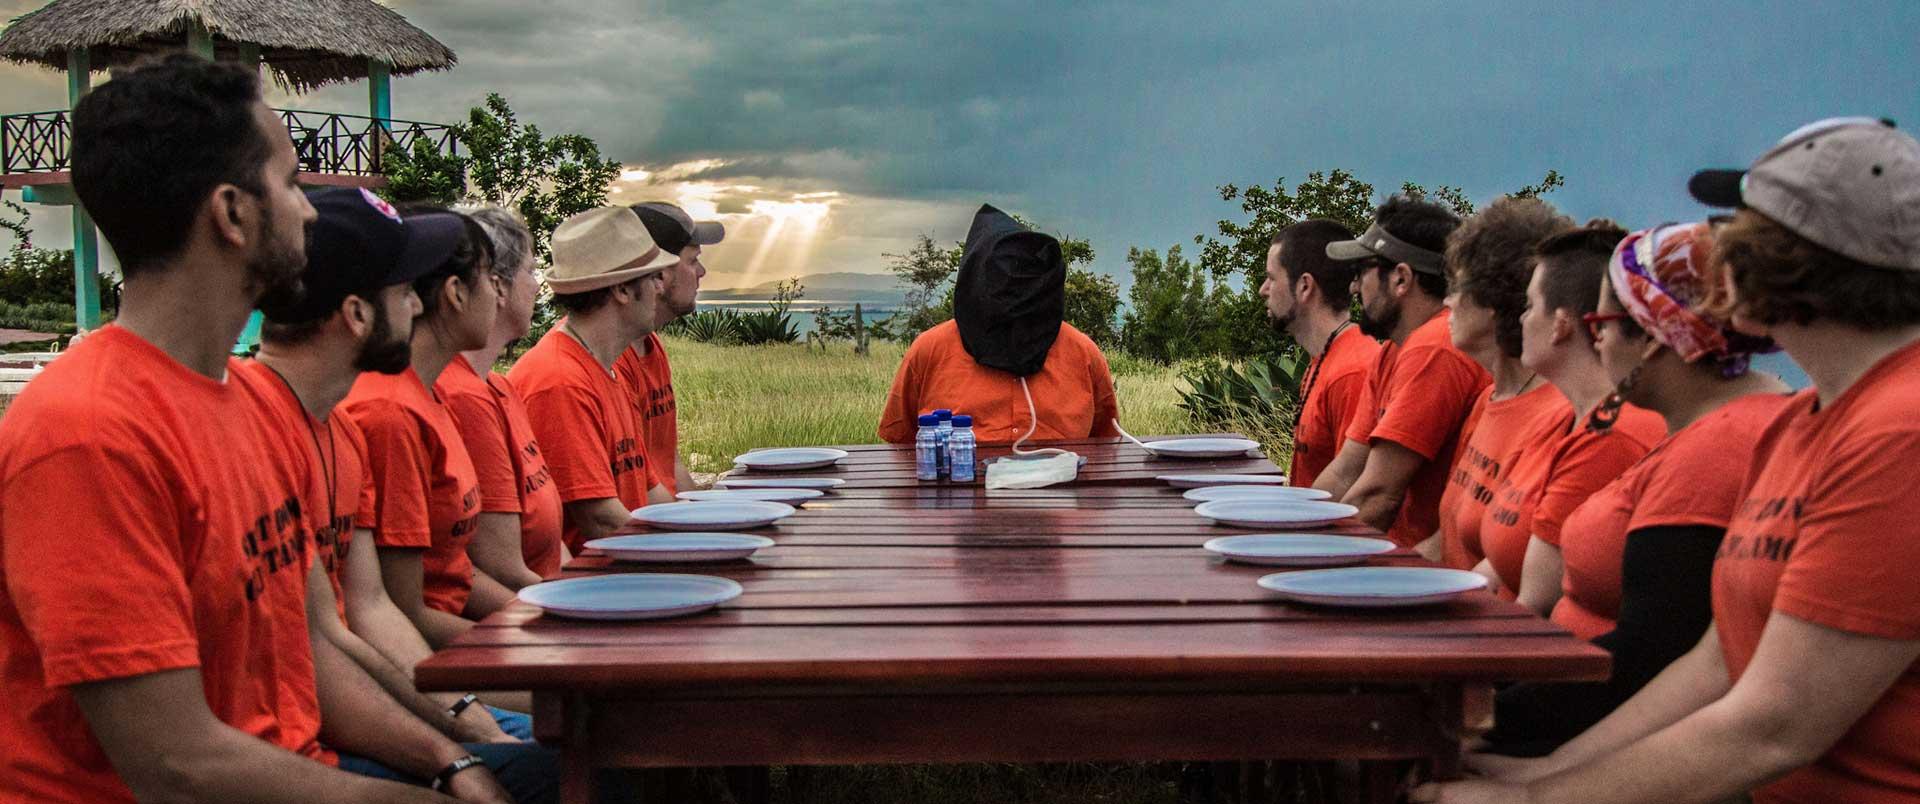 Thanksgiving at Guantánamo